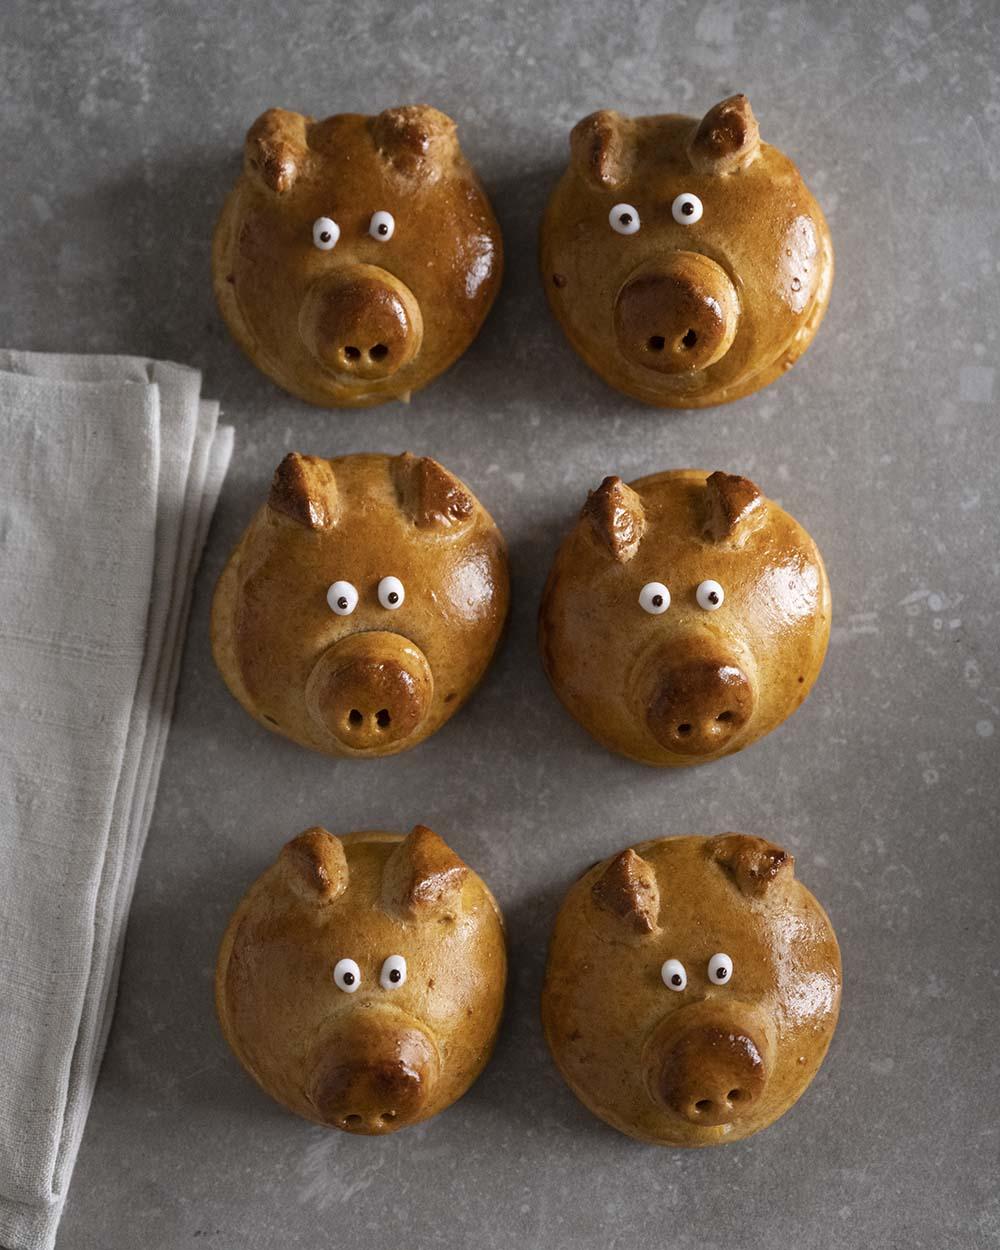 Sechs Glücksschweinchen aus Hefeteig, liegen nebeneinander. Wir haben sie von oben fotografiert.